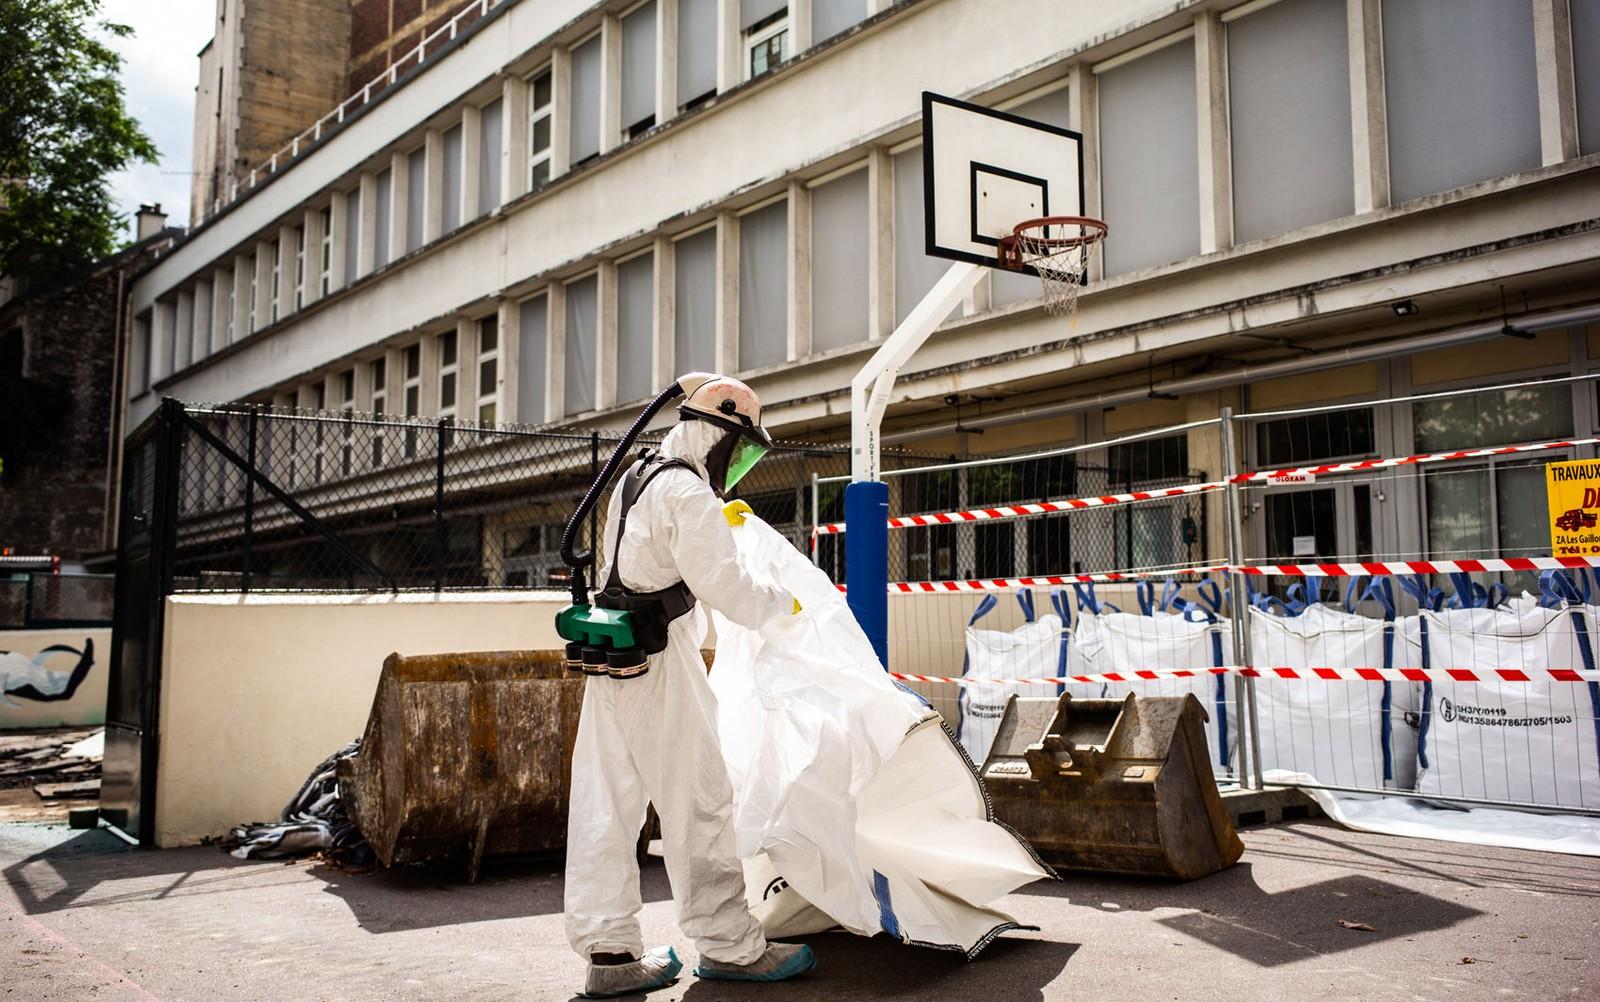 Funcionário participa de operação de descontaminação de chumbo na escola Saint Benoit, perto da Catedral de Notre-Dame, em Paris, no dia 8 de agosto — Foto: Martin Bureau/AFP